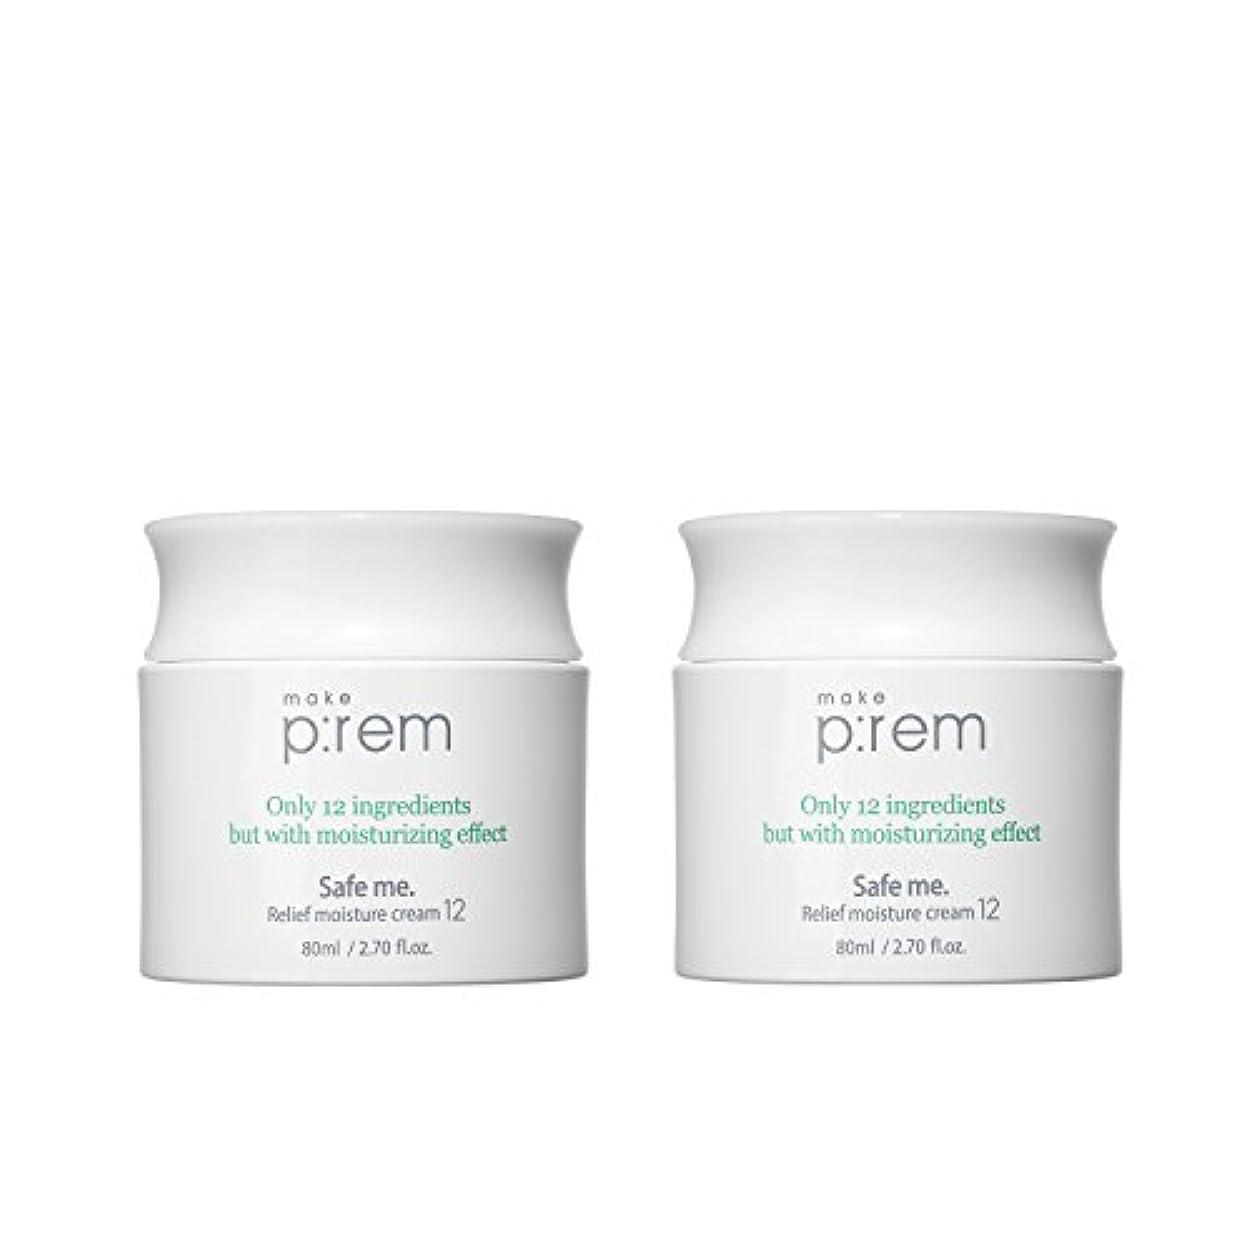 曲線眠いです秘書(2個セット) x [MAKE P:REM] メイクプレム セーフミ?リリーフモイスチャークリーム12 80ml / Safe me. Relief moisture Cream 12 80ml / / 韓国製 . 海外直送品